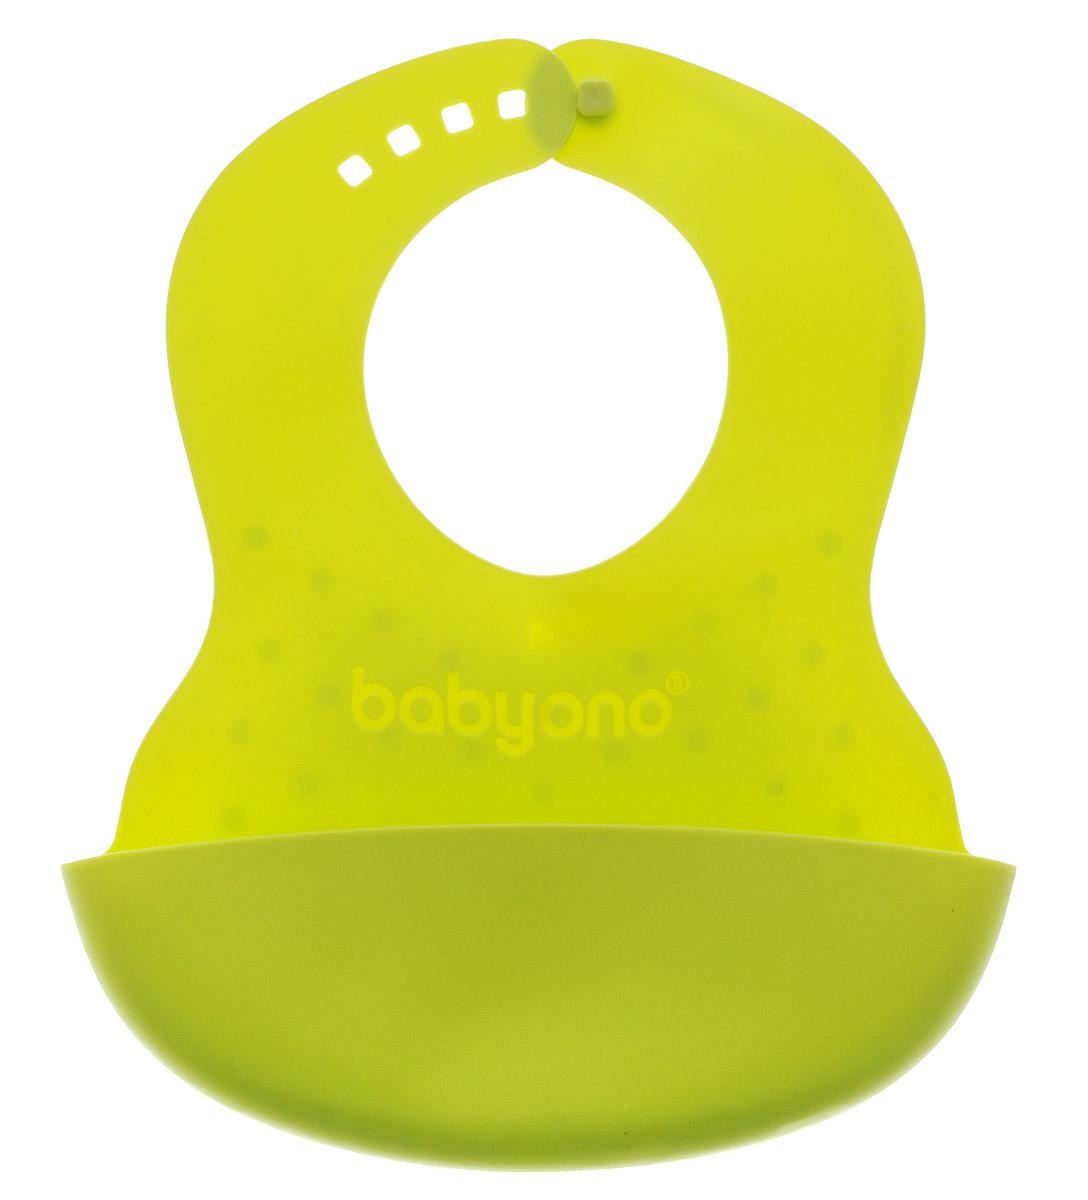 BabyOno Нагрудник цвет светло-оливковый1050_светло-оливковыйГибкий нагрудник BabyOno с регулируемой застежкой защитит одежду малыша во время кормления и избавит родителей от дополнительных хлопот. Изготовлен из безопасных материалов, обеспечивающих длительное использование. Имеет удобный отворот, куда будет падать еда, которую малыш выплюнет или случайно уронит. Перед первым использованием следует ополоснуть изделие кипятком и высушить. Не содержит бисфенол А, свинца и фталатов. Товар сертифицирован.